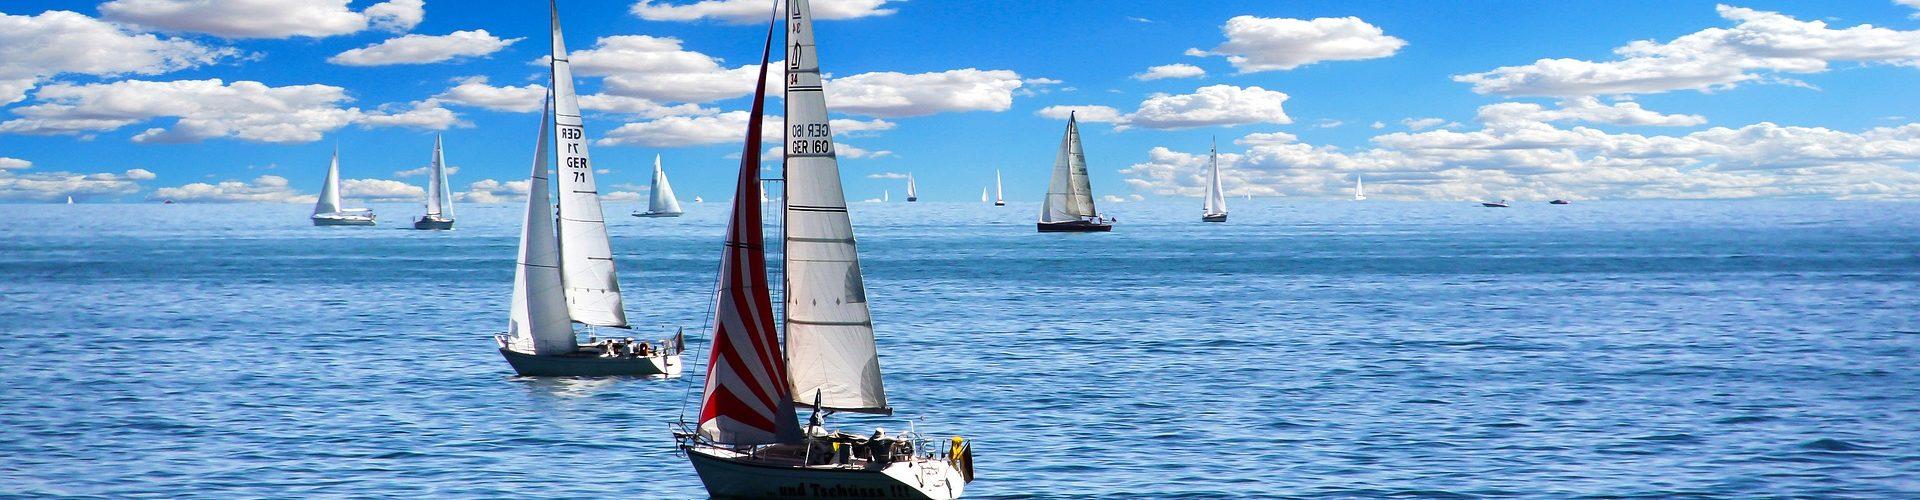 segeln lernen in Eching segelschein machen in Eching 1920x500 - Segeln lernen in Eching